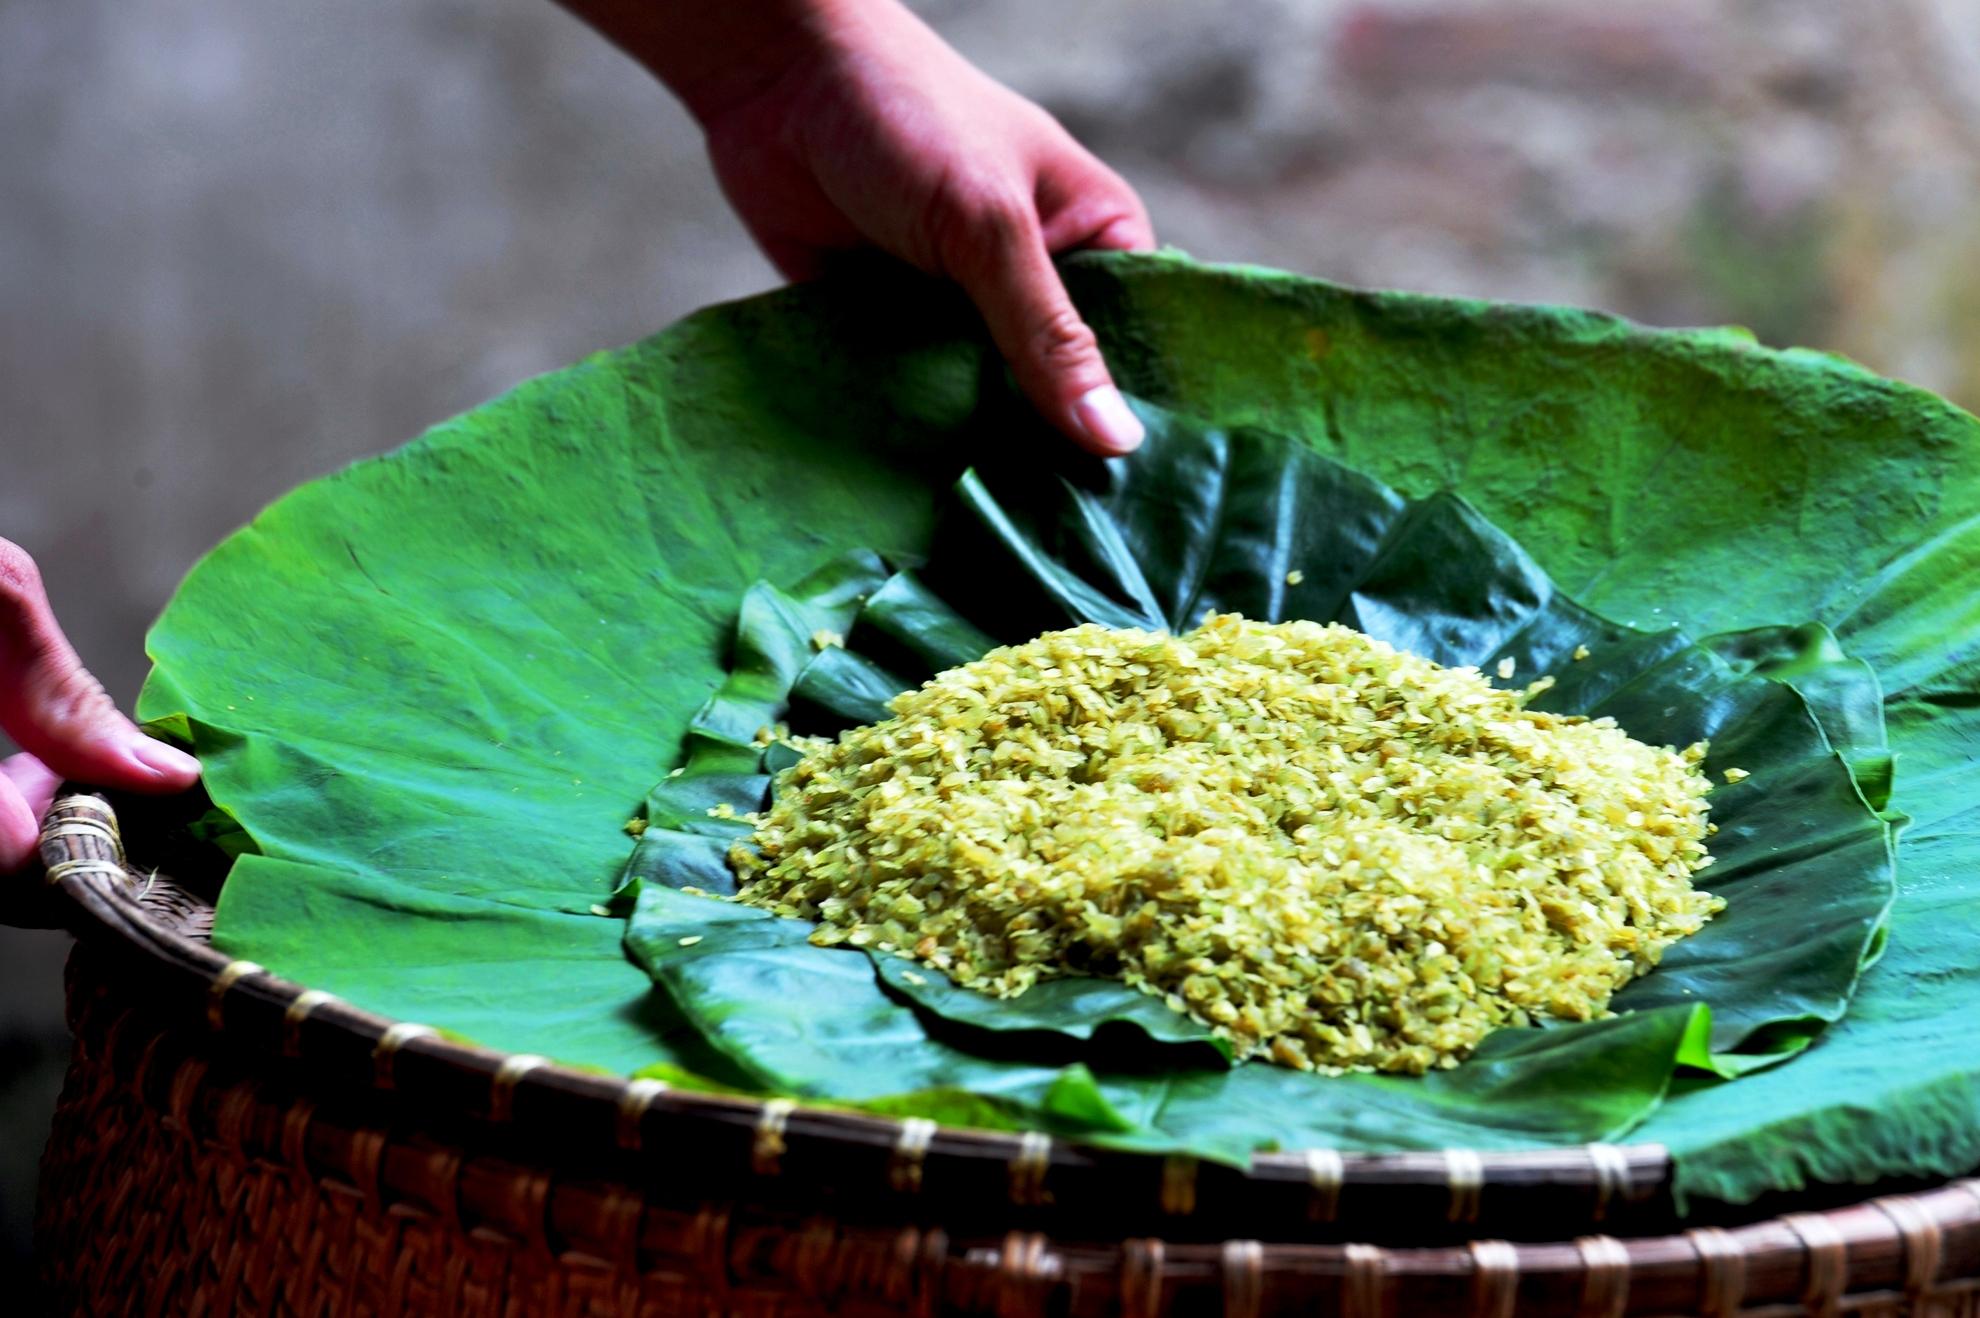 Cốm Hà Nội - nét đẹp văn hóa lâu đời